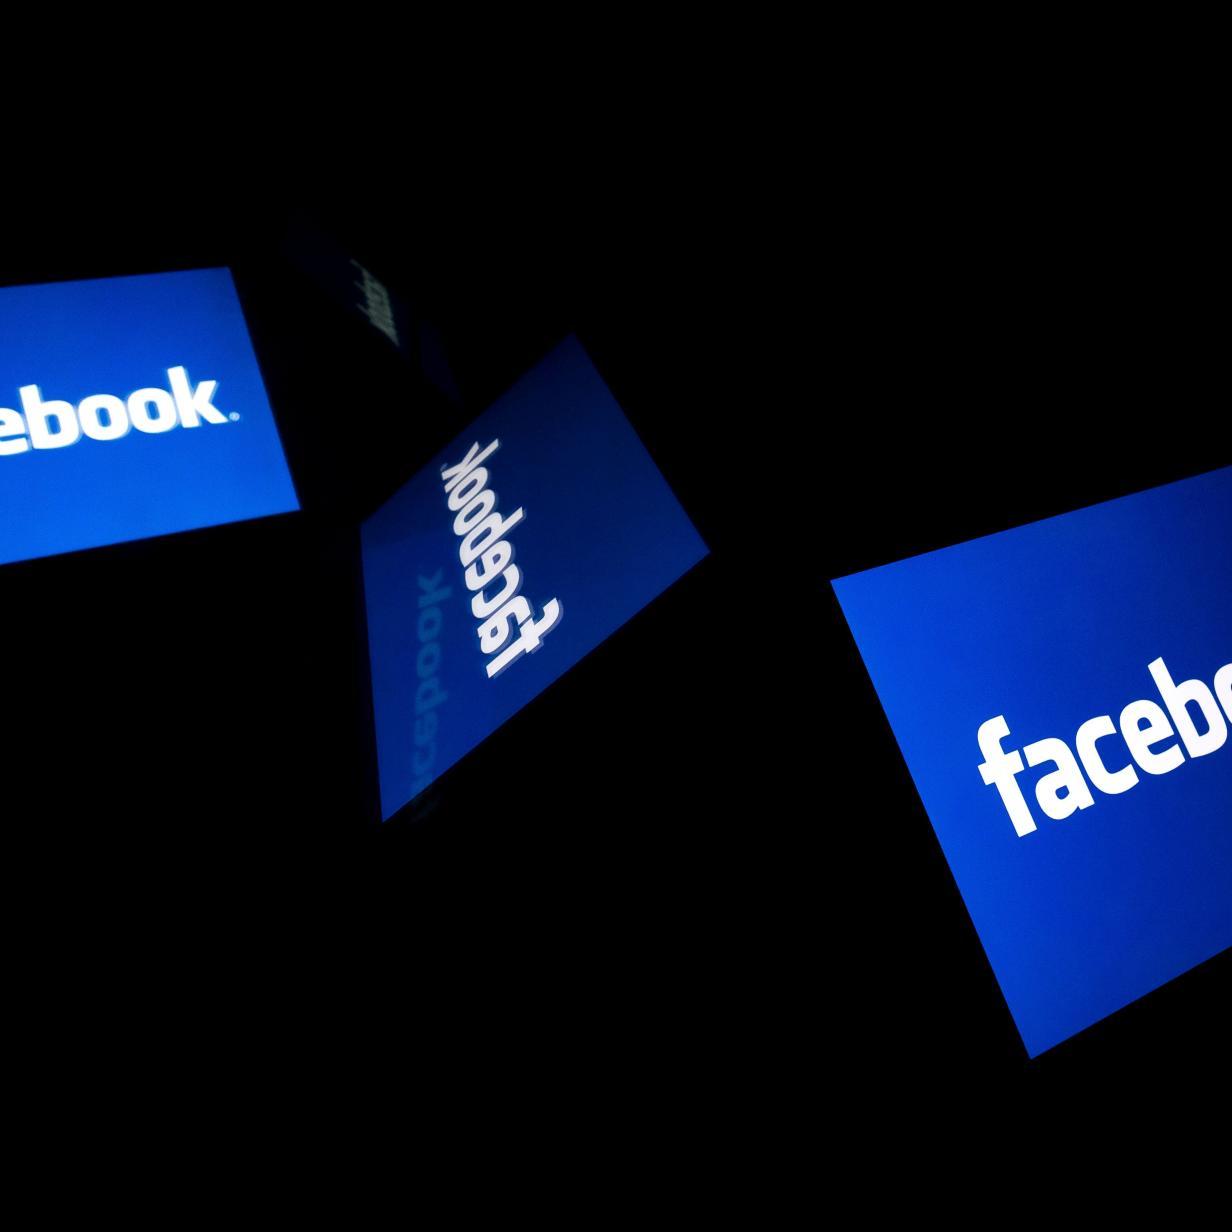 EU prüft Facebooks Kryptowährung Libra